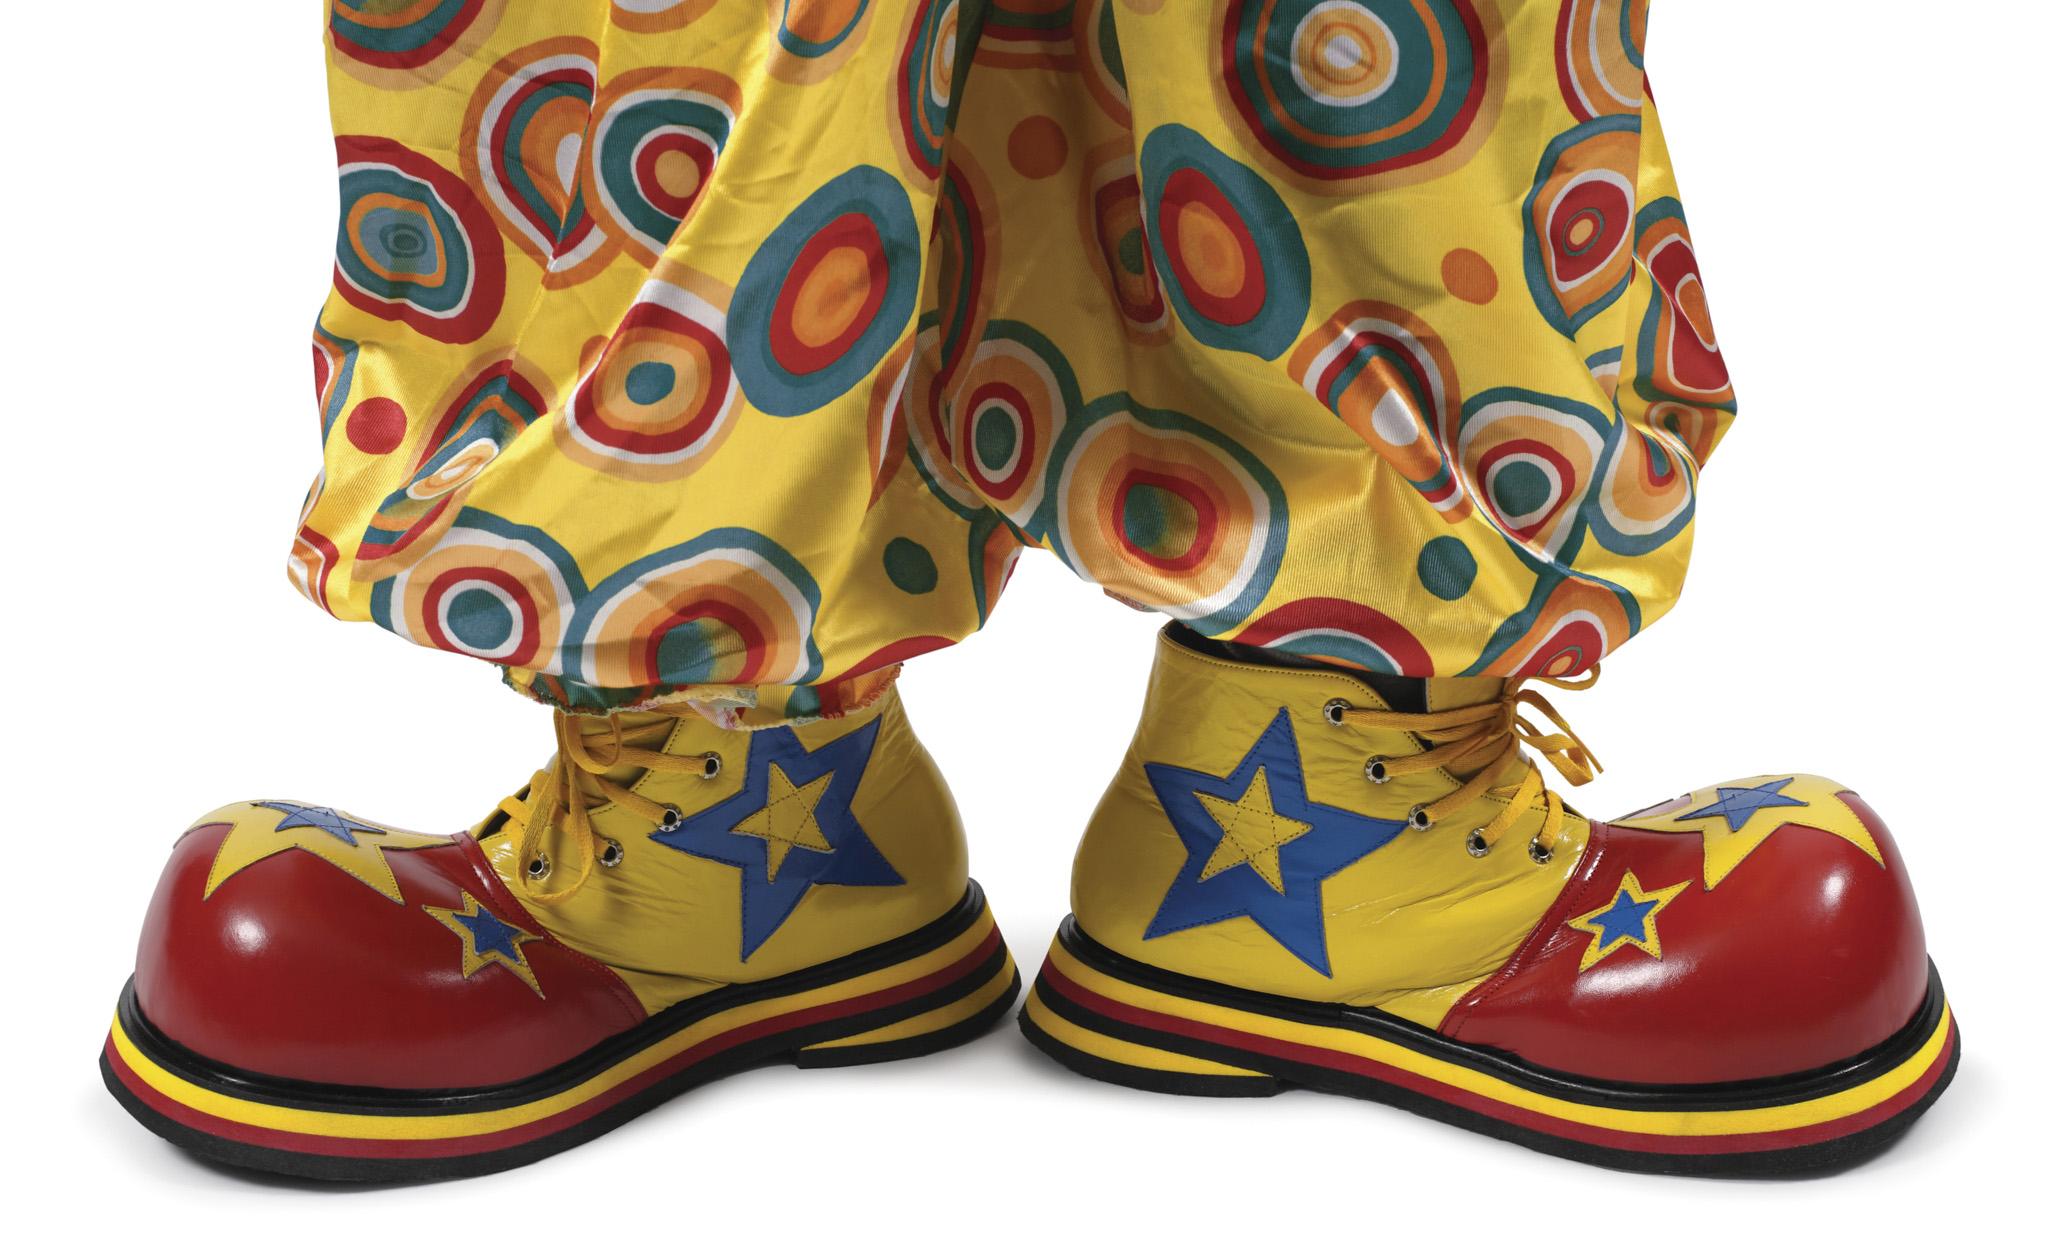 Vestiti di Carnevale fai da te, idee e soluzioni